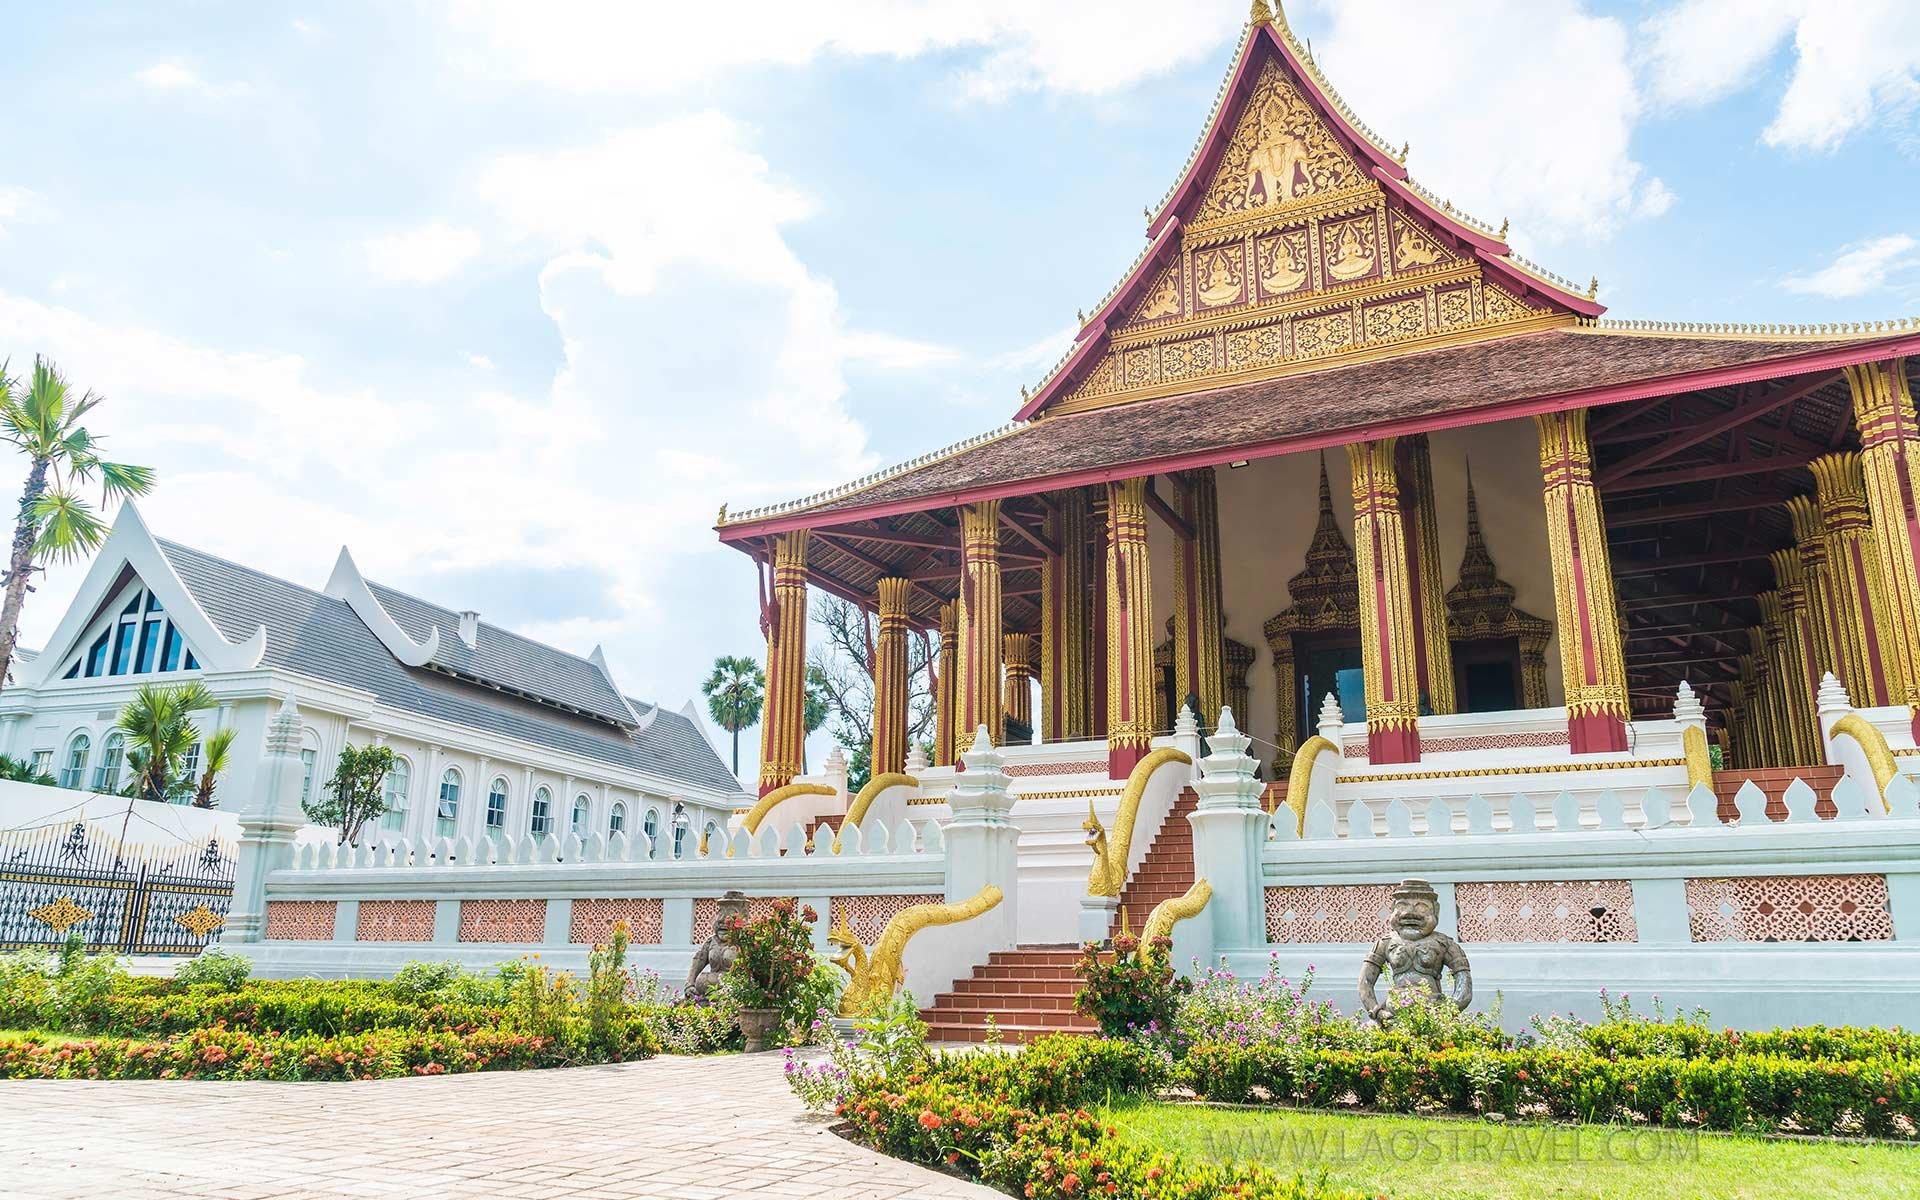 Laos Luxury Journey - 7 days